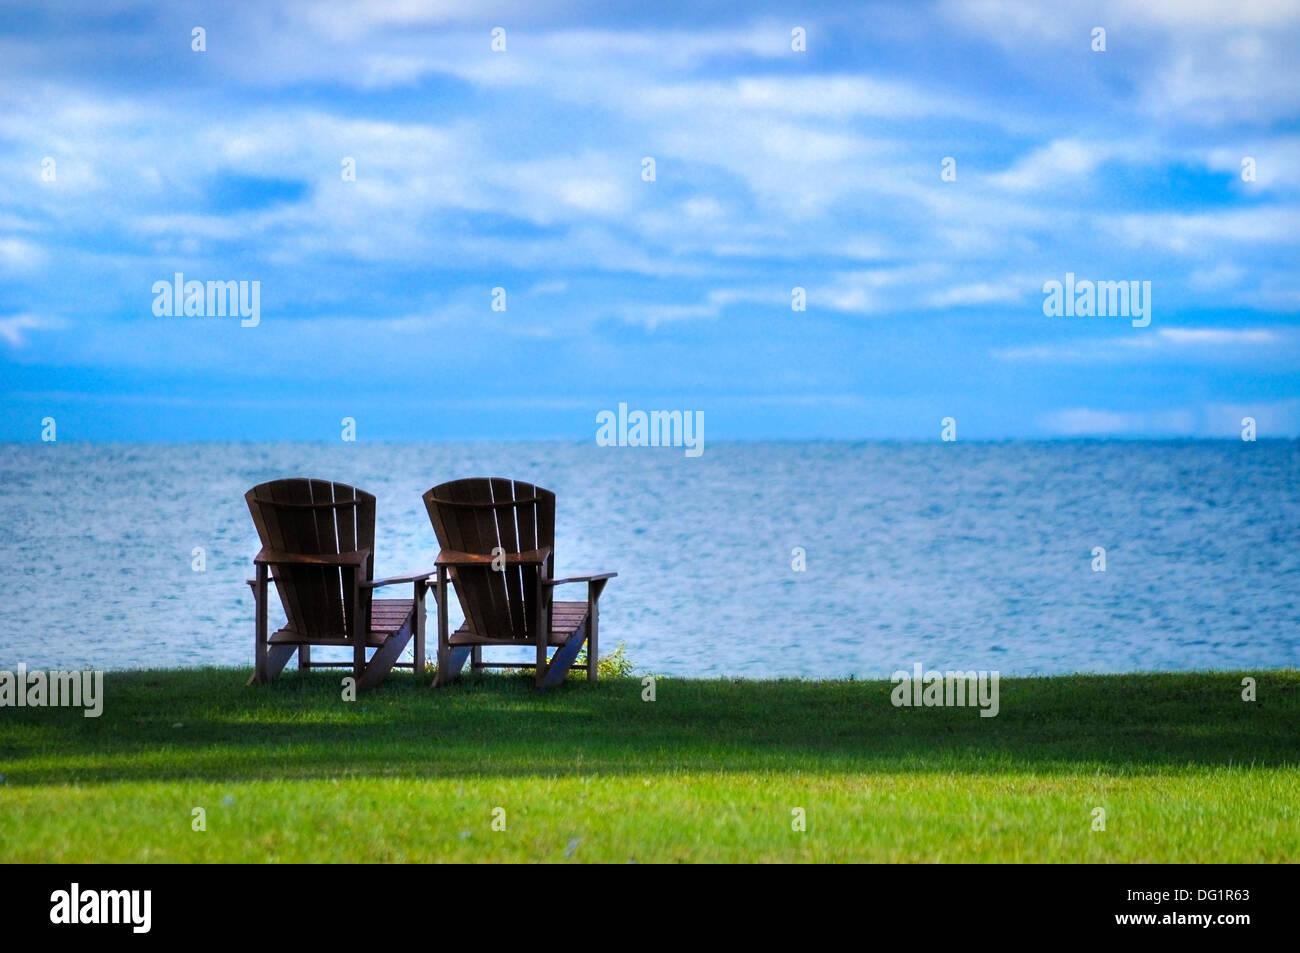 Dos sillas Adirondack en la orilla del Lago Ontario, Nueva York, EE.UU. Imagen De Stock